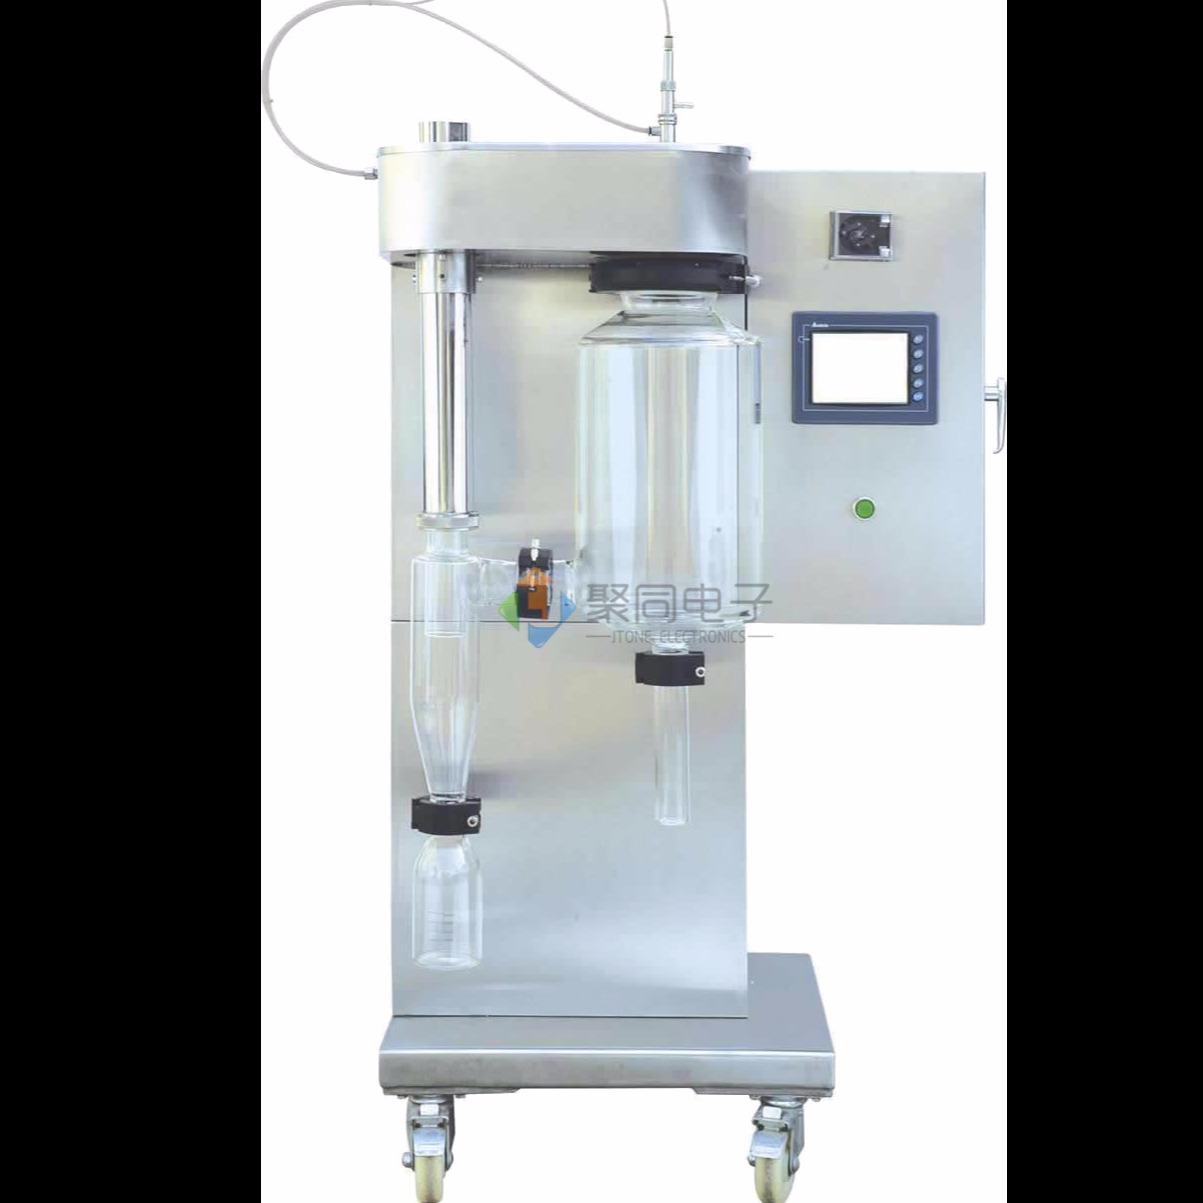 实验室小型喷雾干燥机的操作使用及安装调试图片